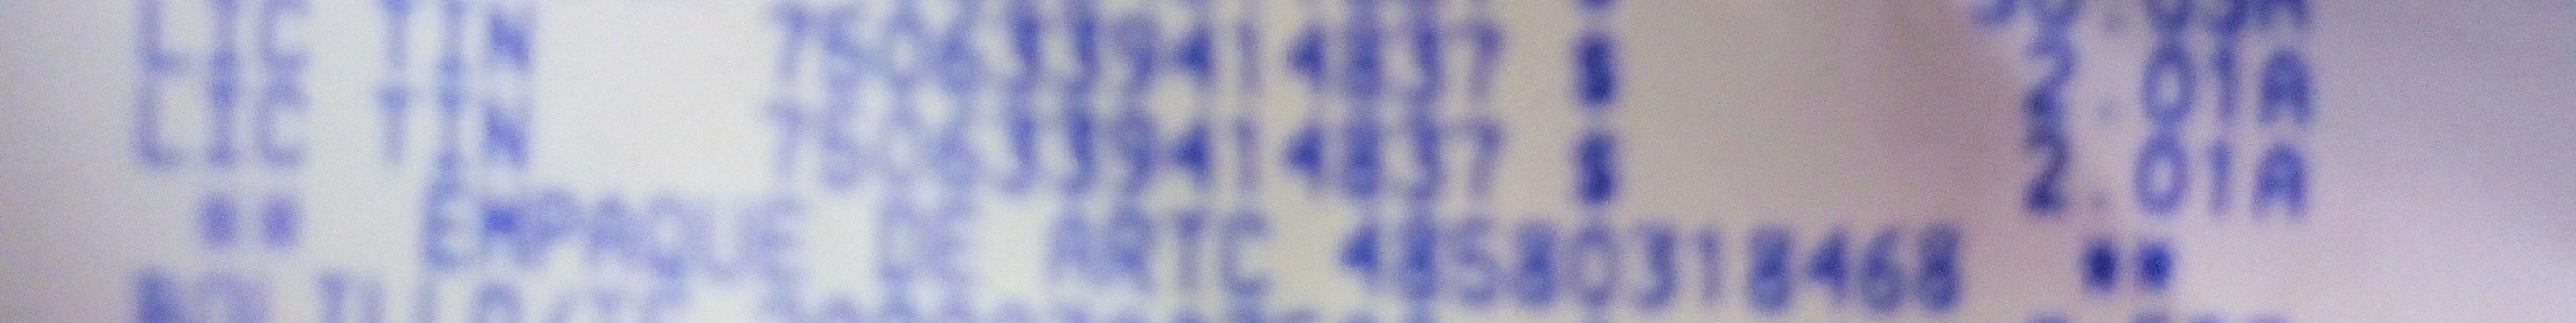 173974.jpg